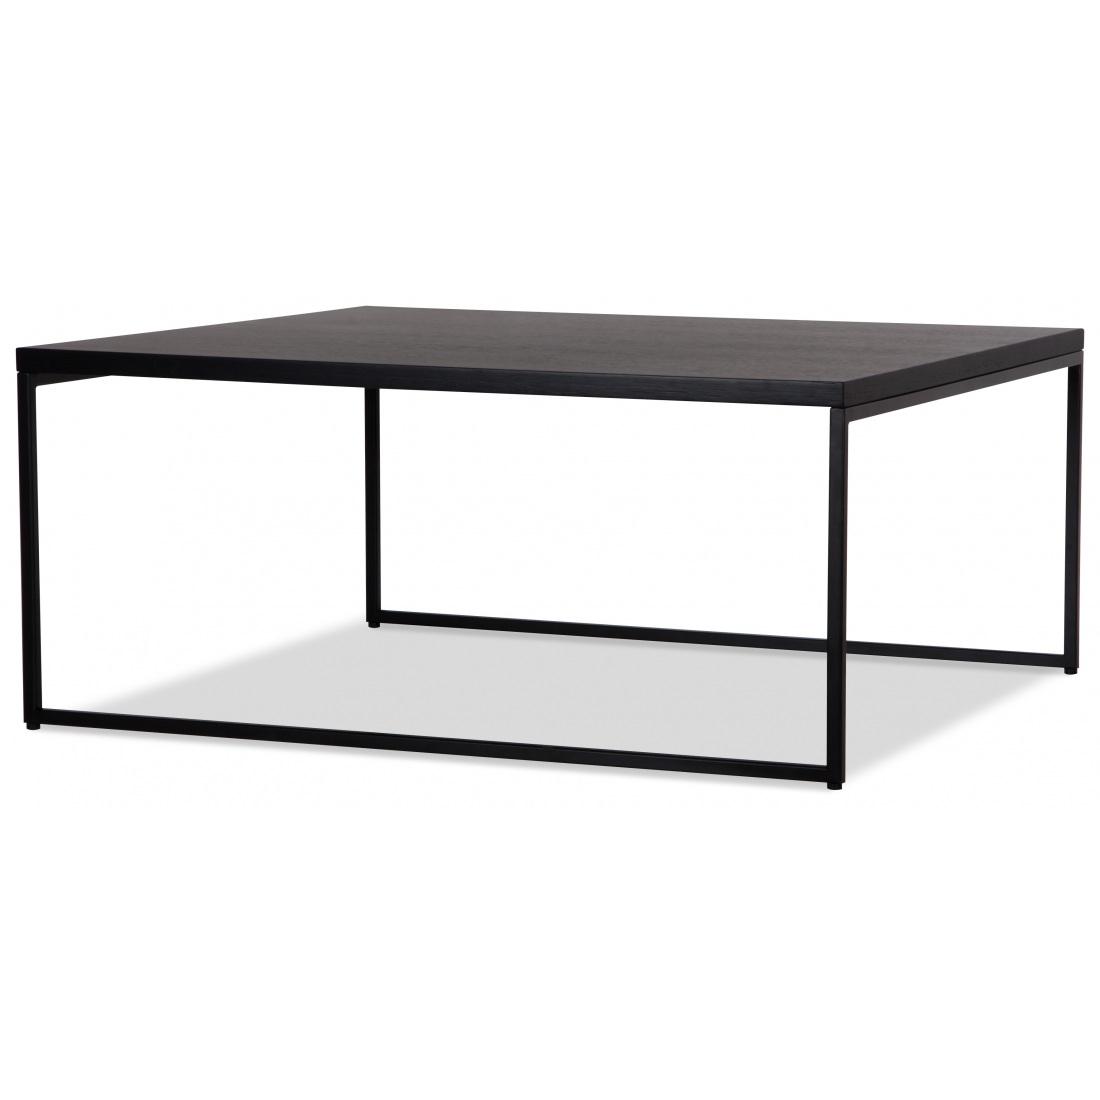 couchtisch schwarz beistelltisch wohnzimmertisch moebel. Black Bedroom Furniture Sets. Home Design Ideas